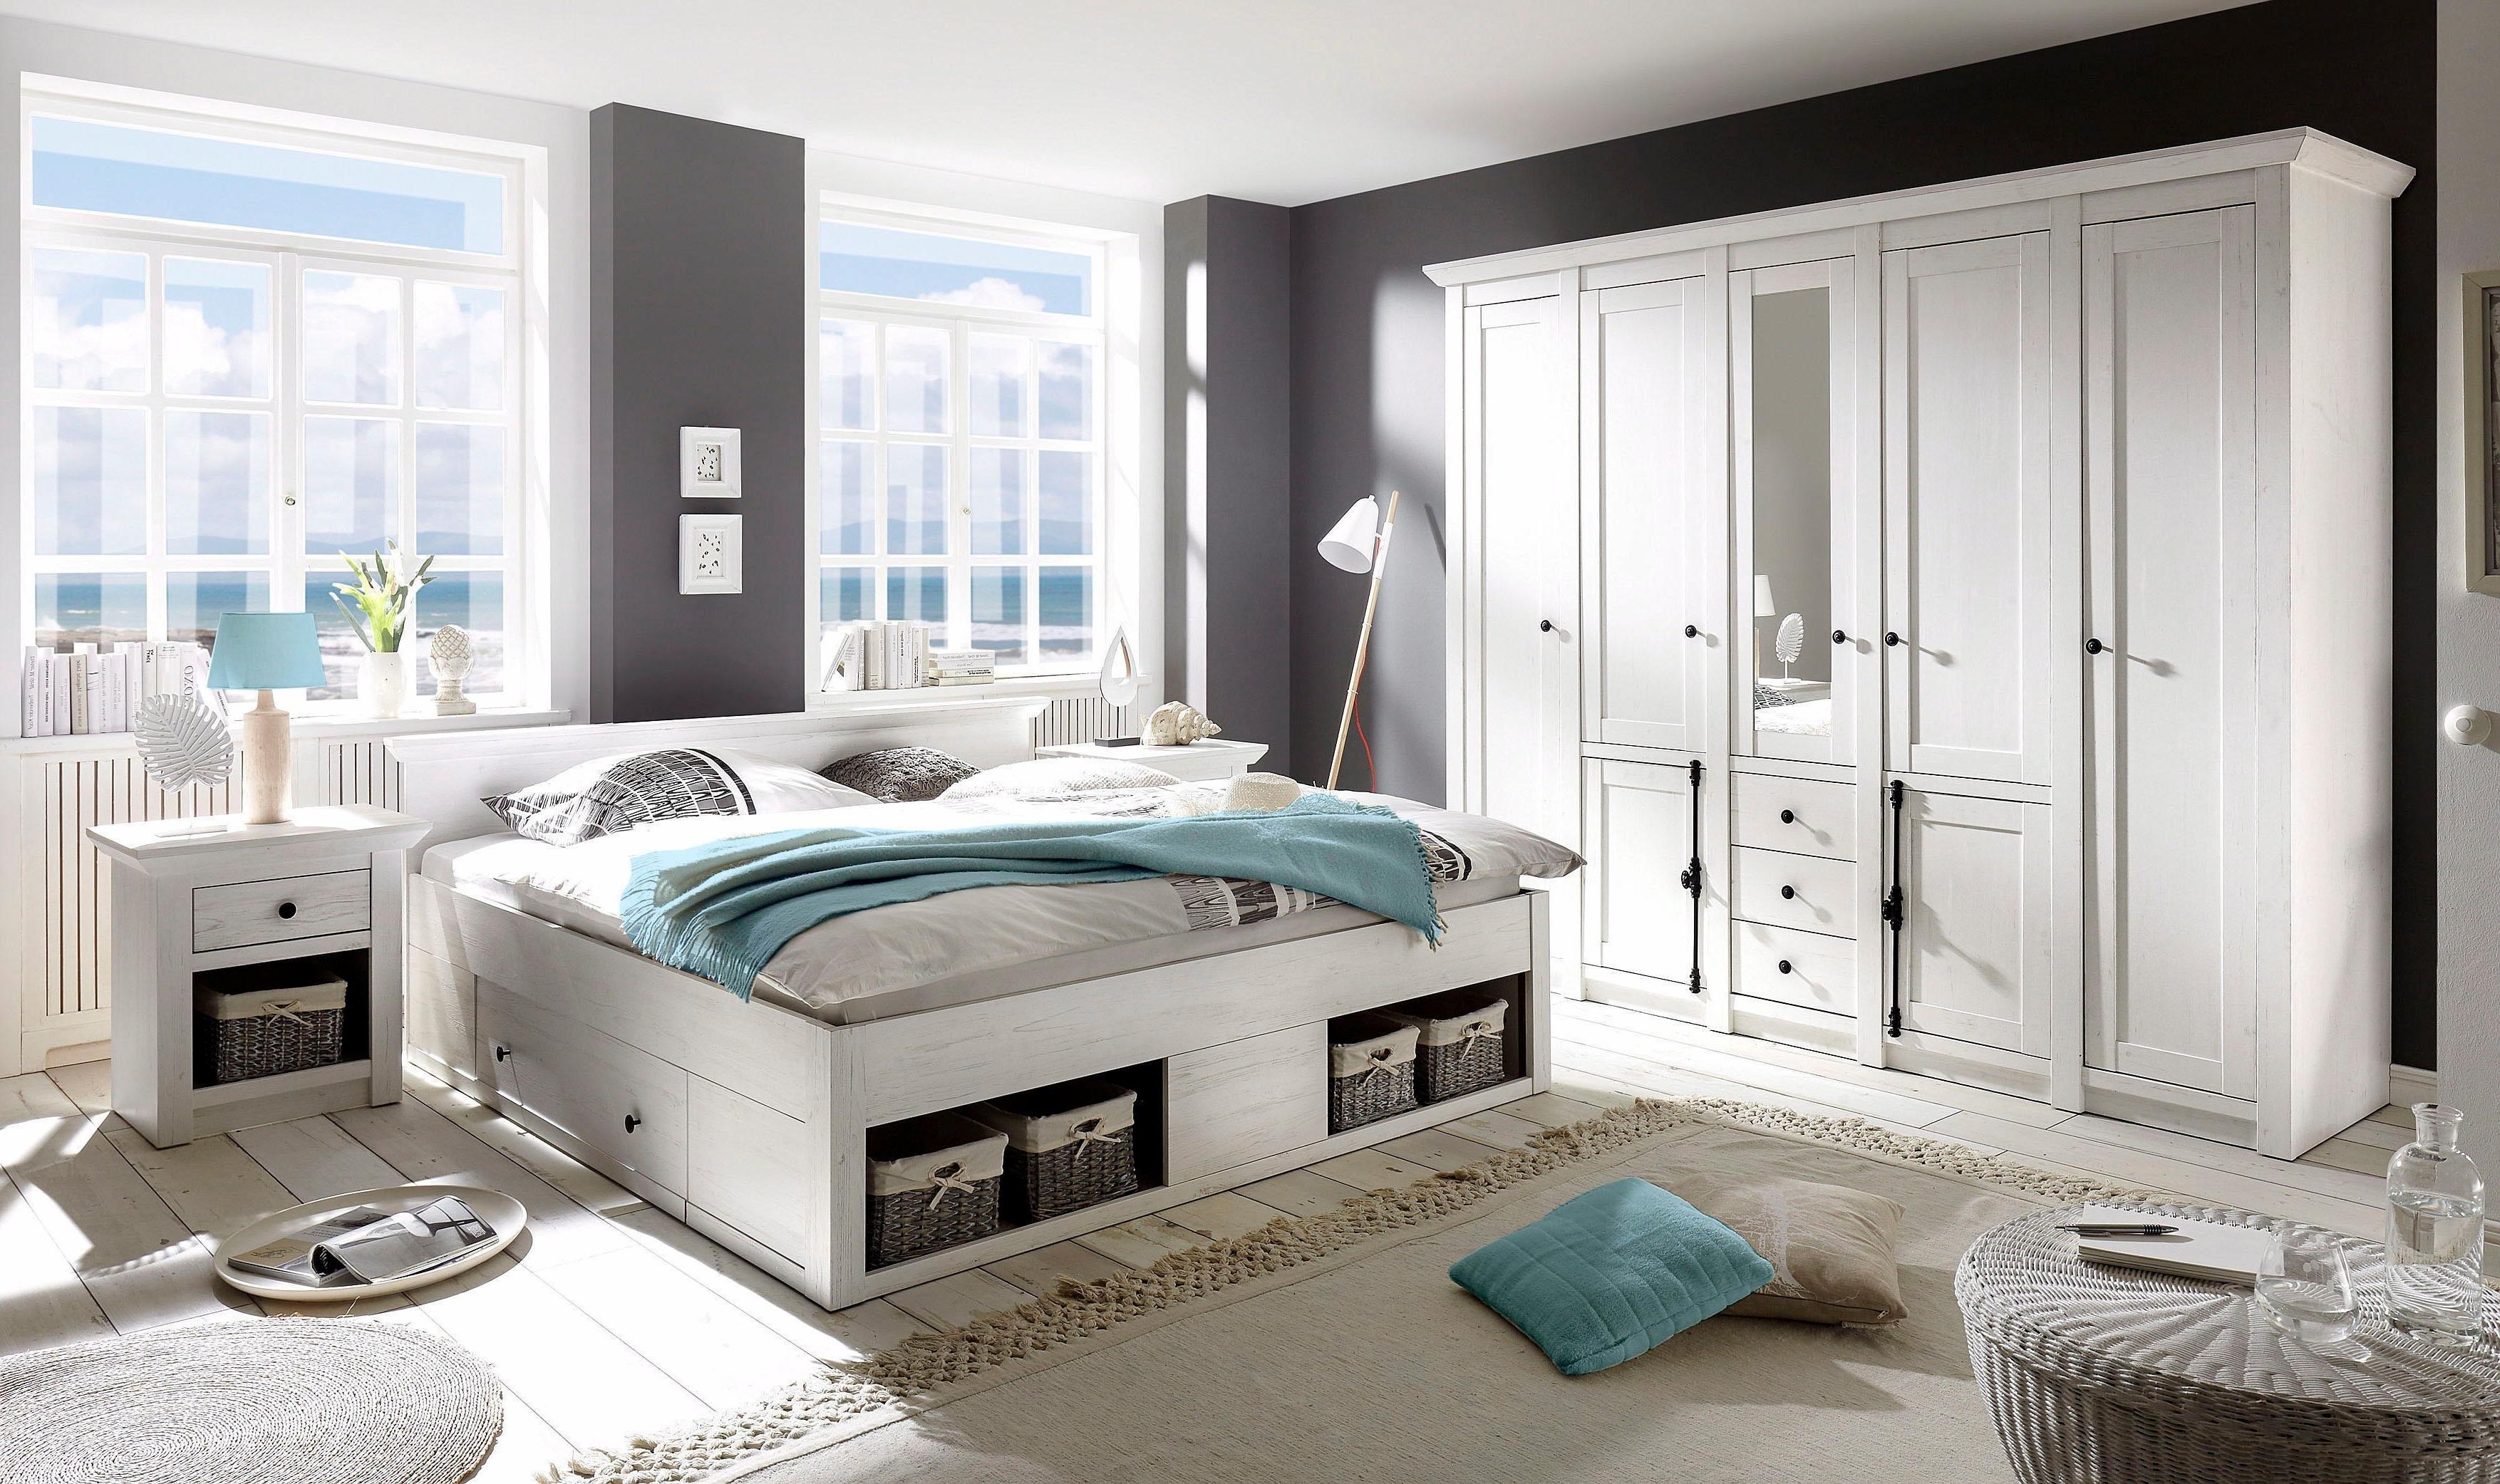 Op zoek naar een Home affaire slaapkamerserie California groot: bed 180 cm, 2 nachtkastjes, 5-deurs kledingkast (set, 4 stuks)? Koop online bij OTTO